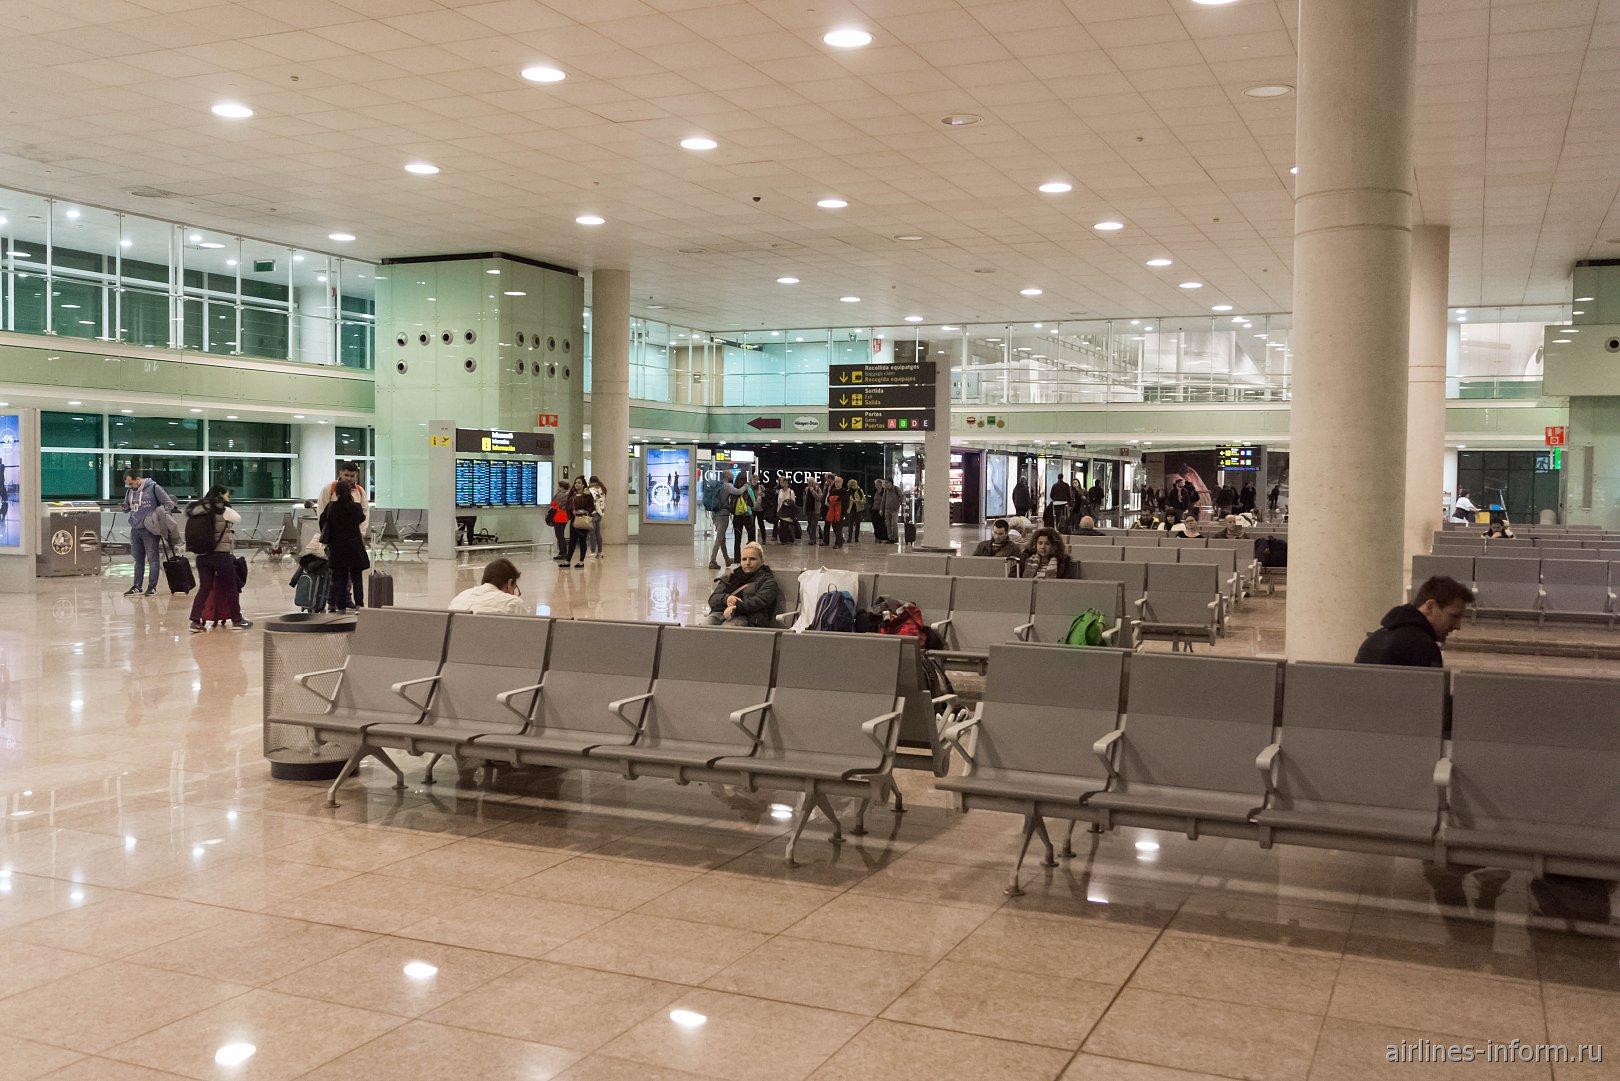 Зал вылета в терминале 1 аэропорта Барселона Эль Прат